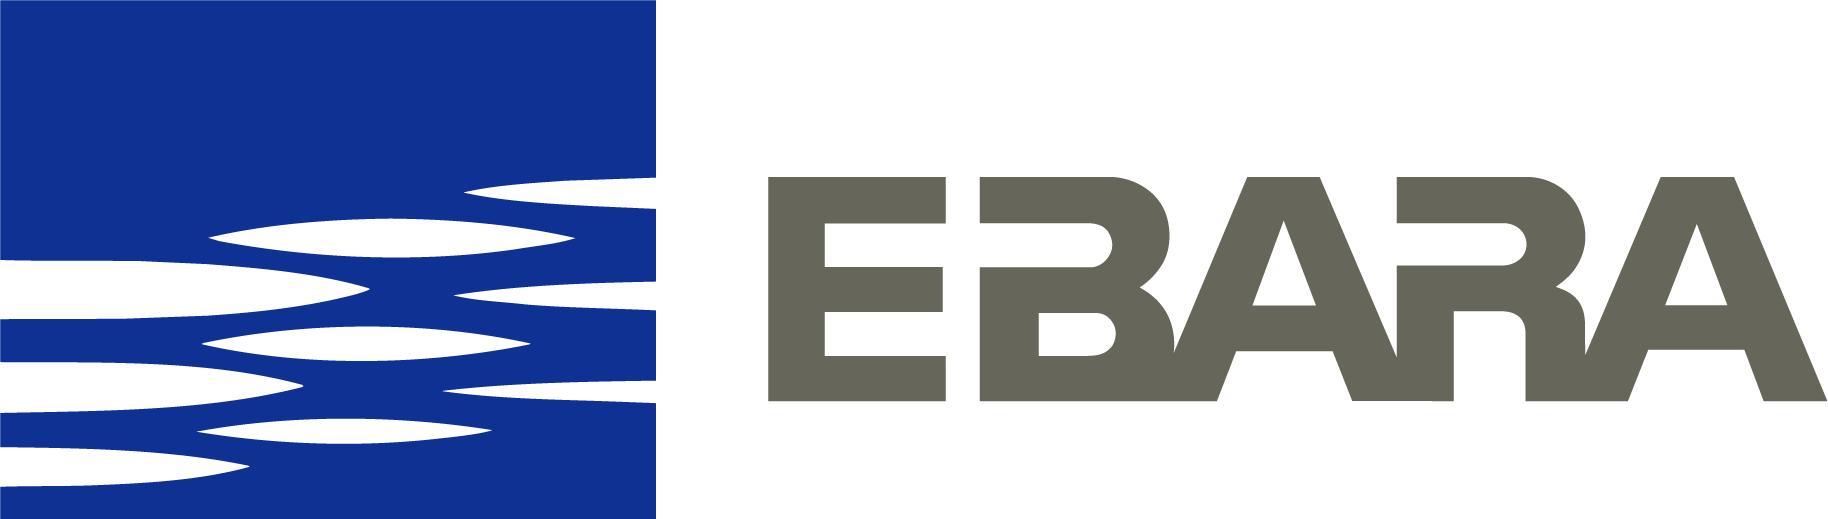 Ebara Pompa Logo